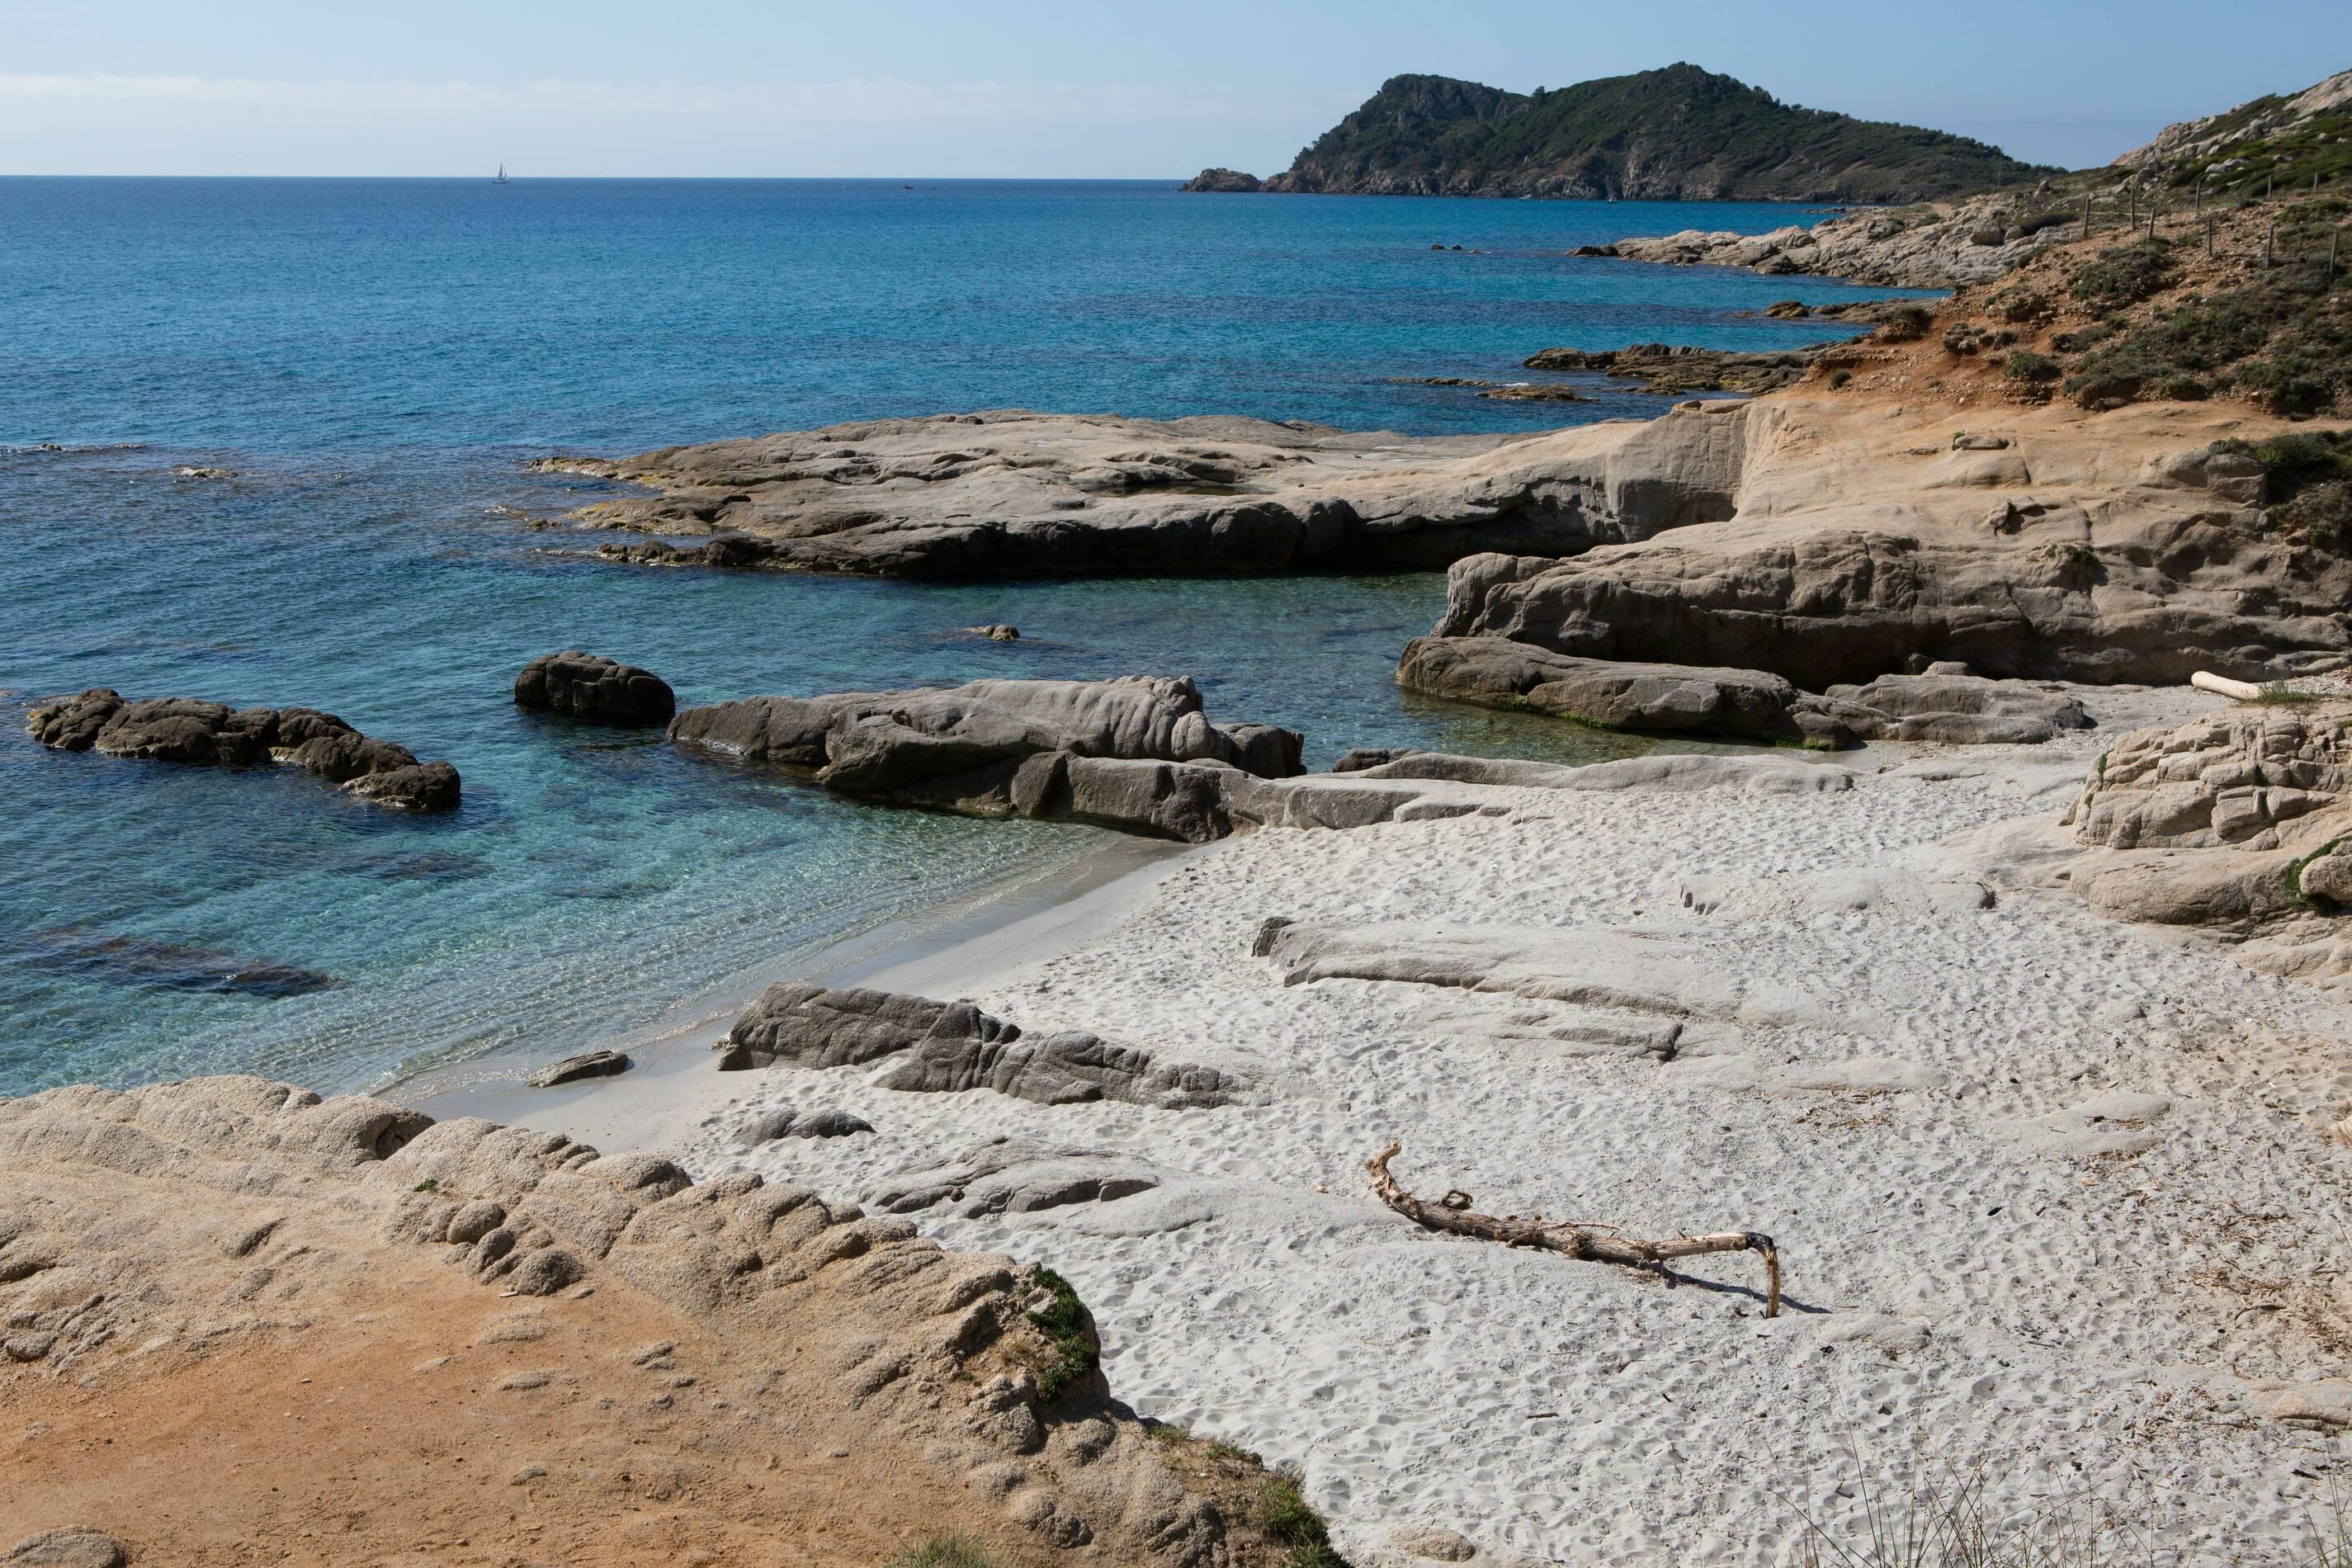 La Reserve Ramatuelle Plage Cote D Azur